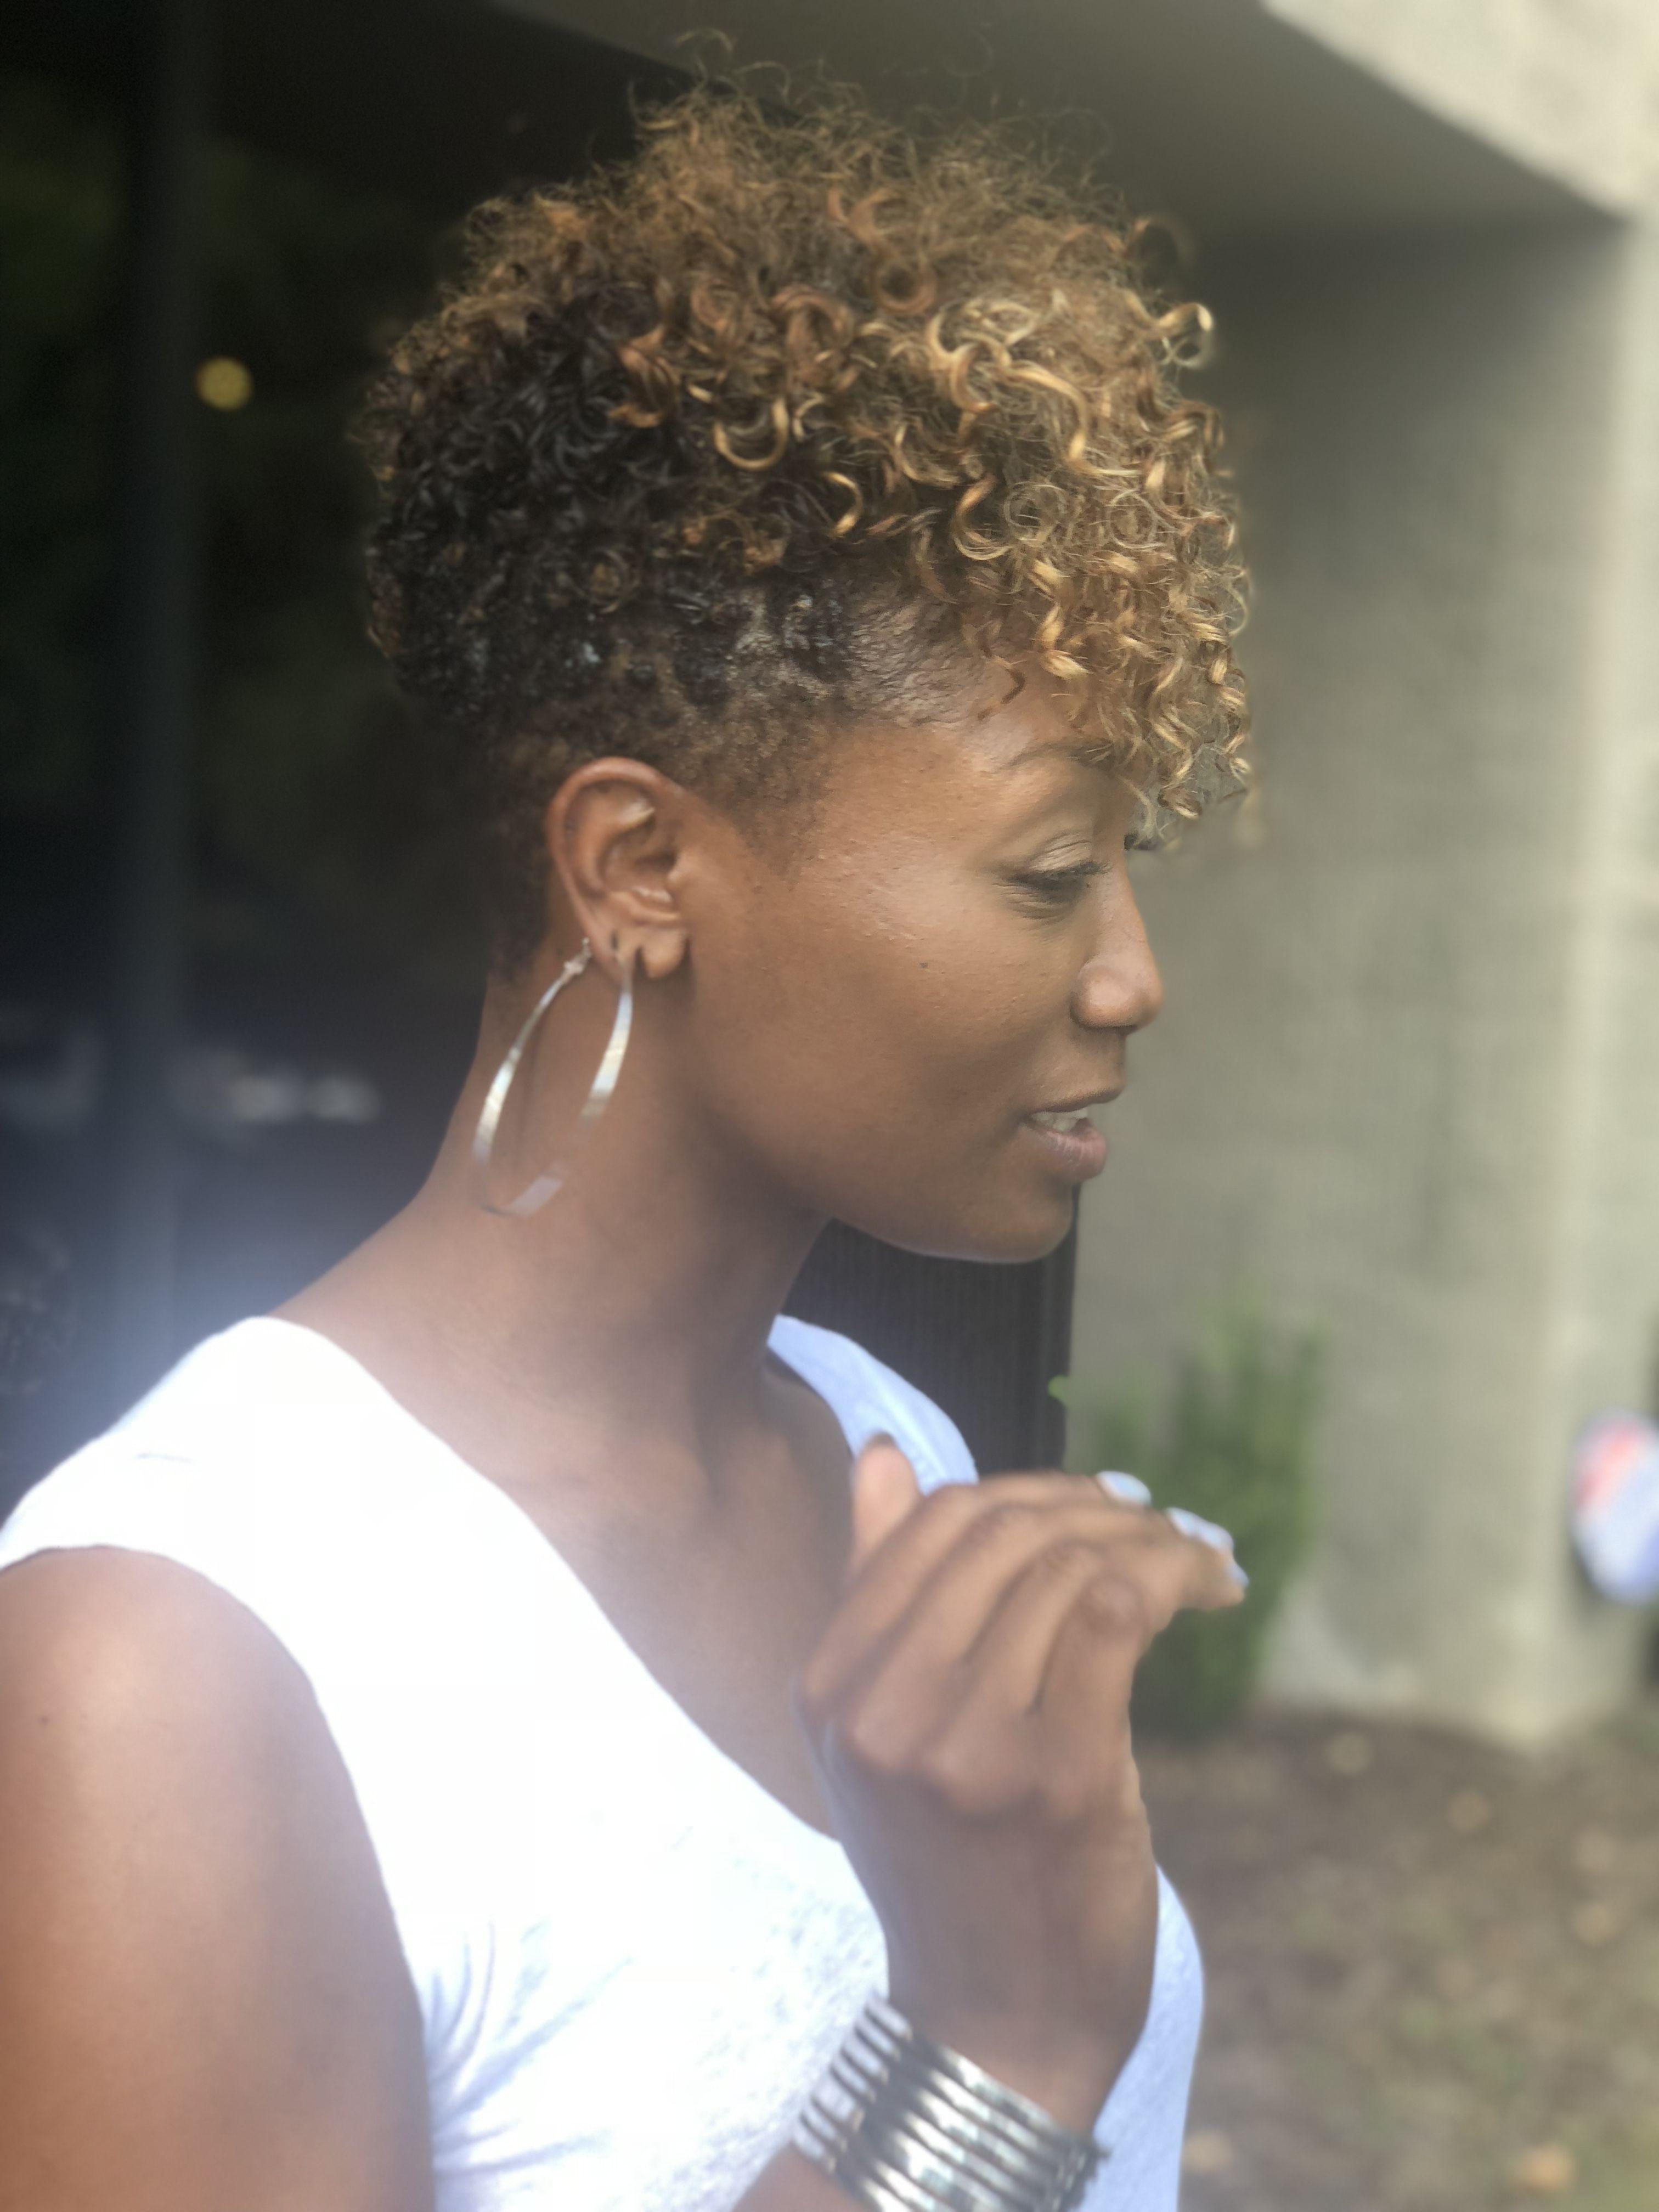 Pin On Short Hair For Women Over 40